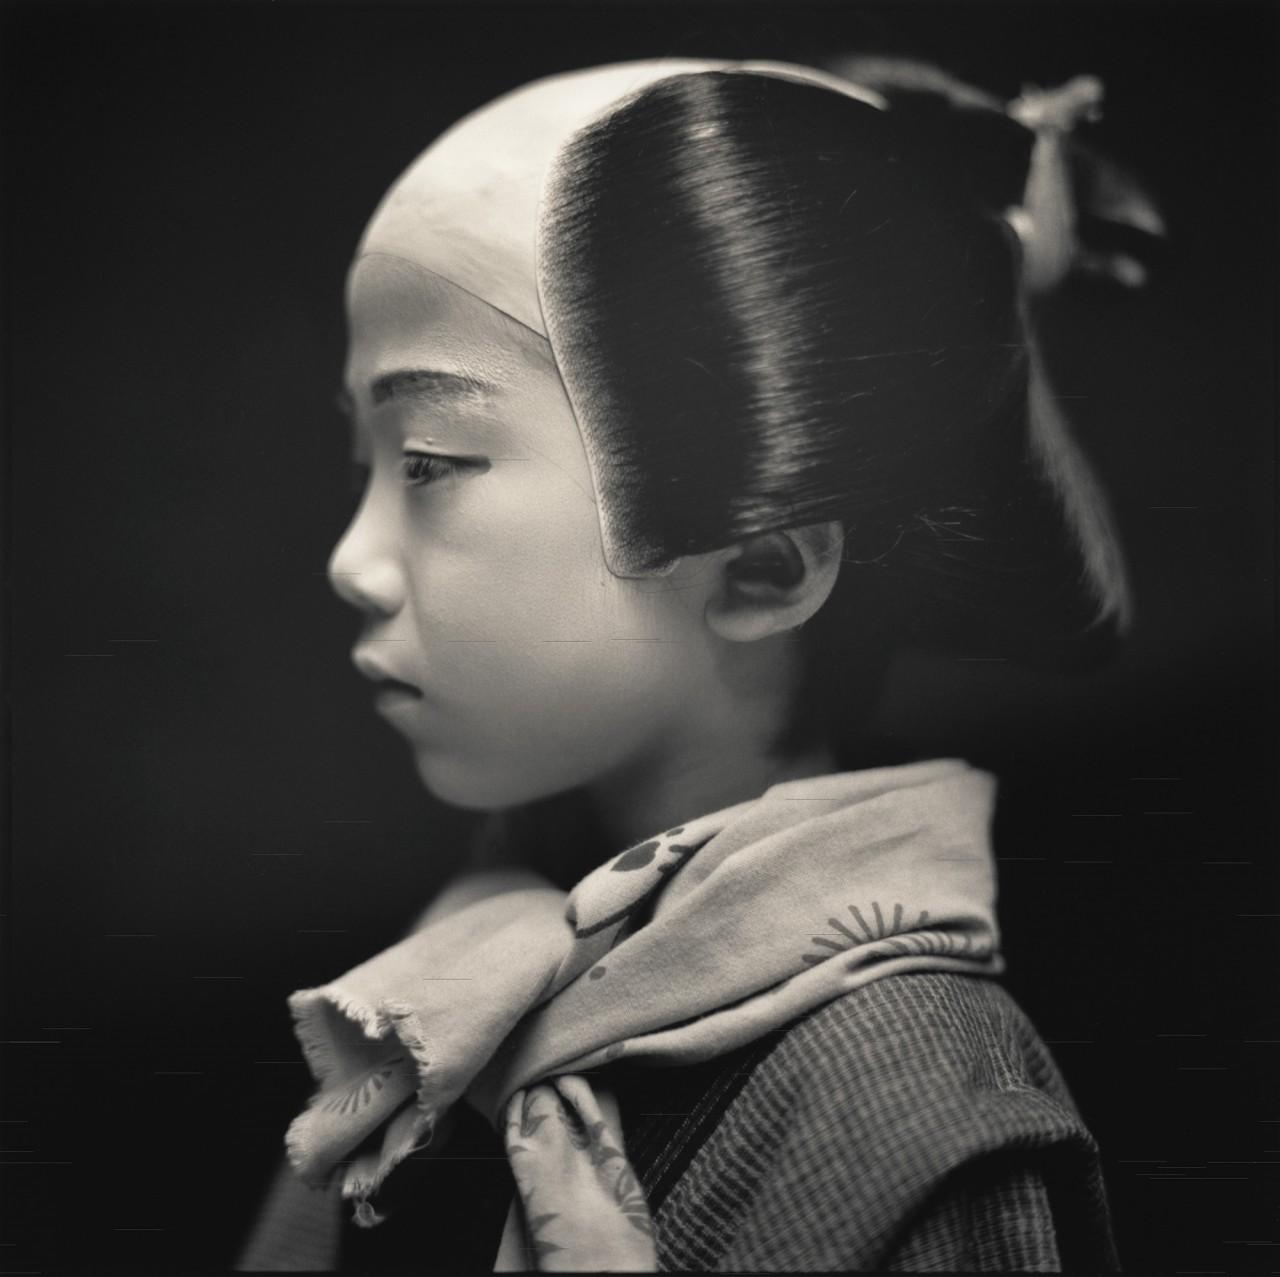 Актёры кабуки. Рё Уэгучи в роли Сендо. Хироси Ватанабэ